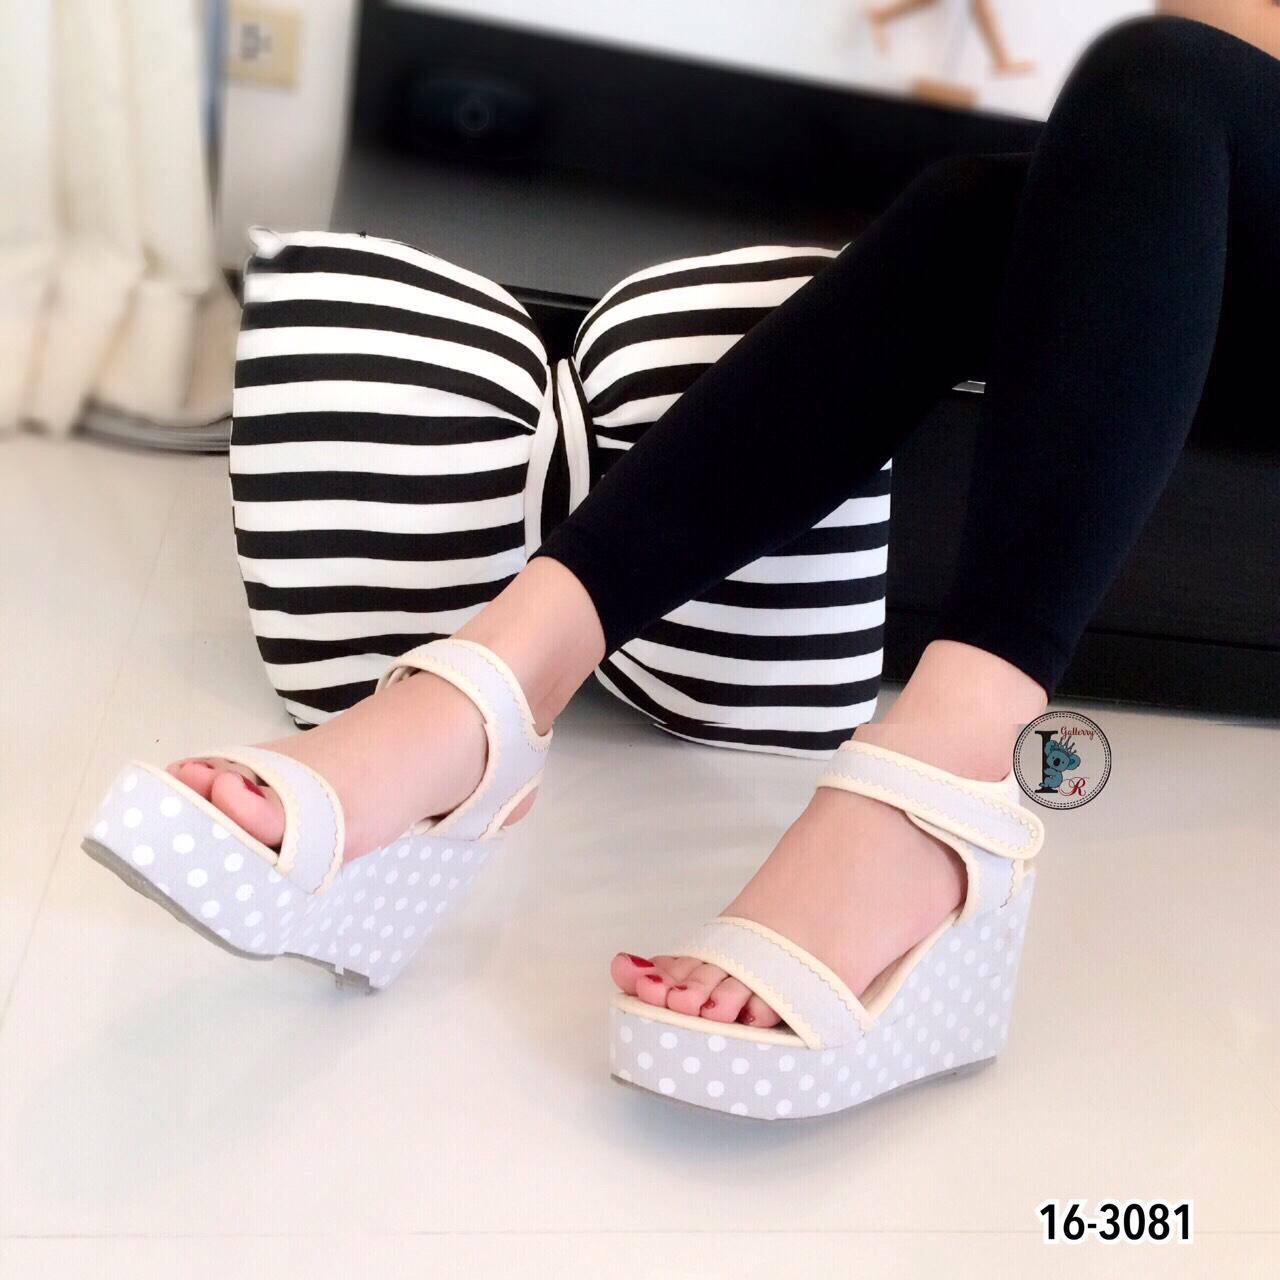 รองเท้าส้นเตารีดลาย Pokka Dot (สีเทา)